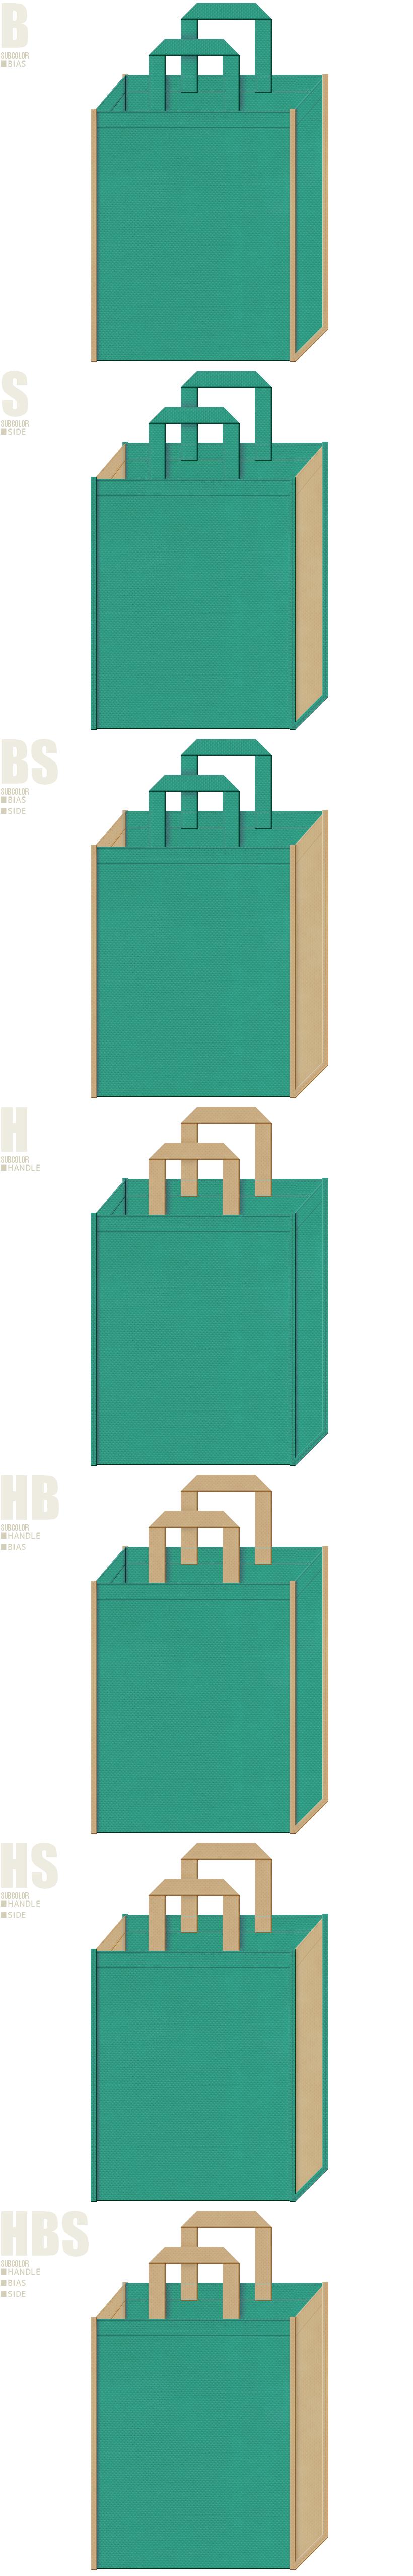 青緑色とカーキ色、7パターンの不織布トートバッグ配色デザイン例。